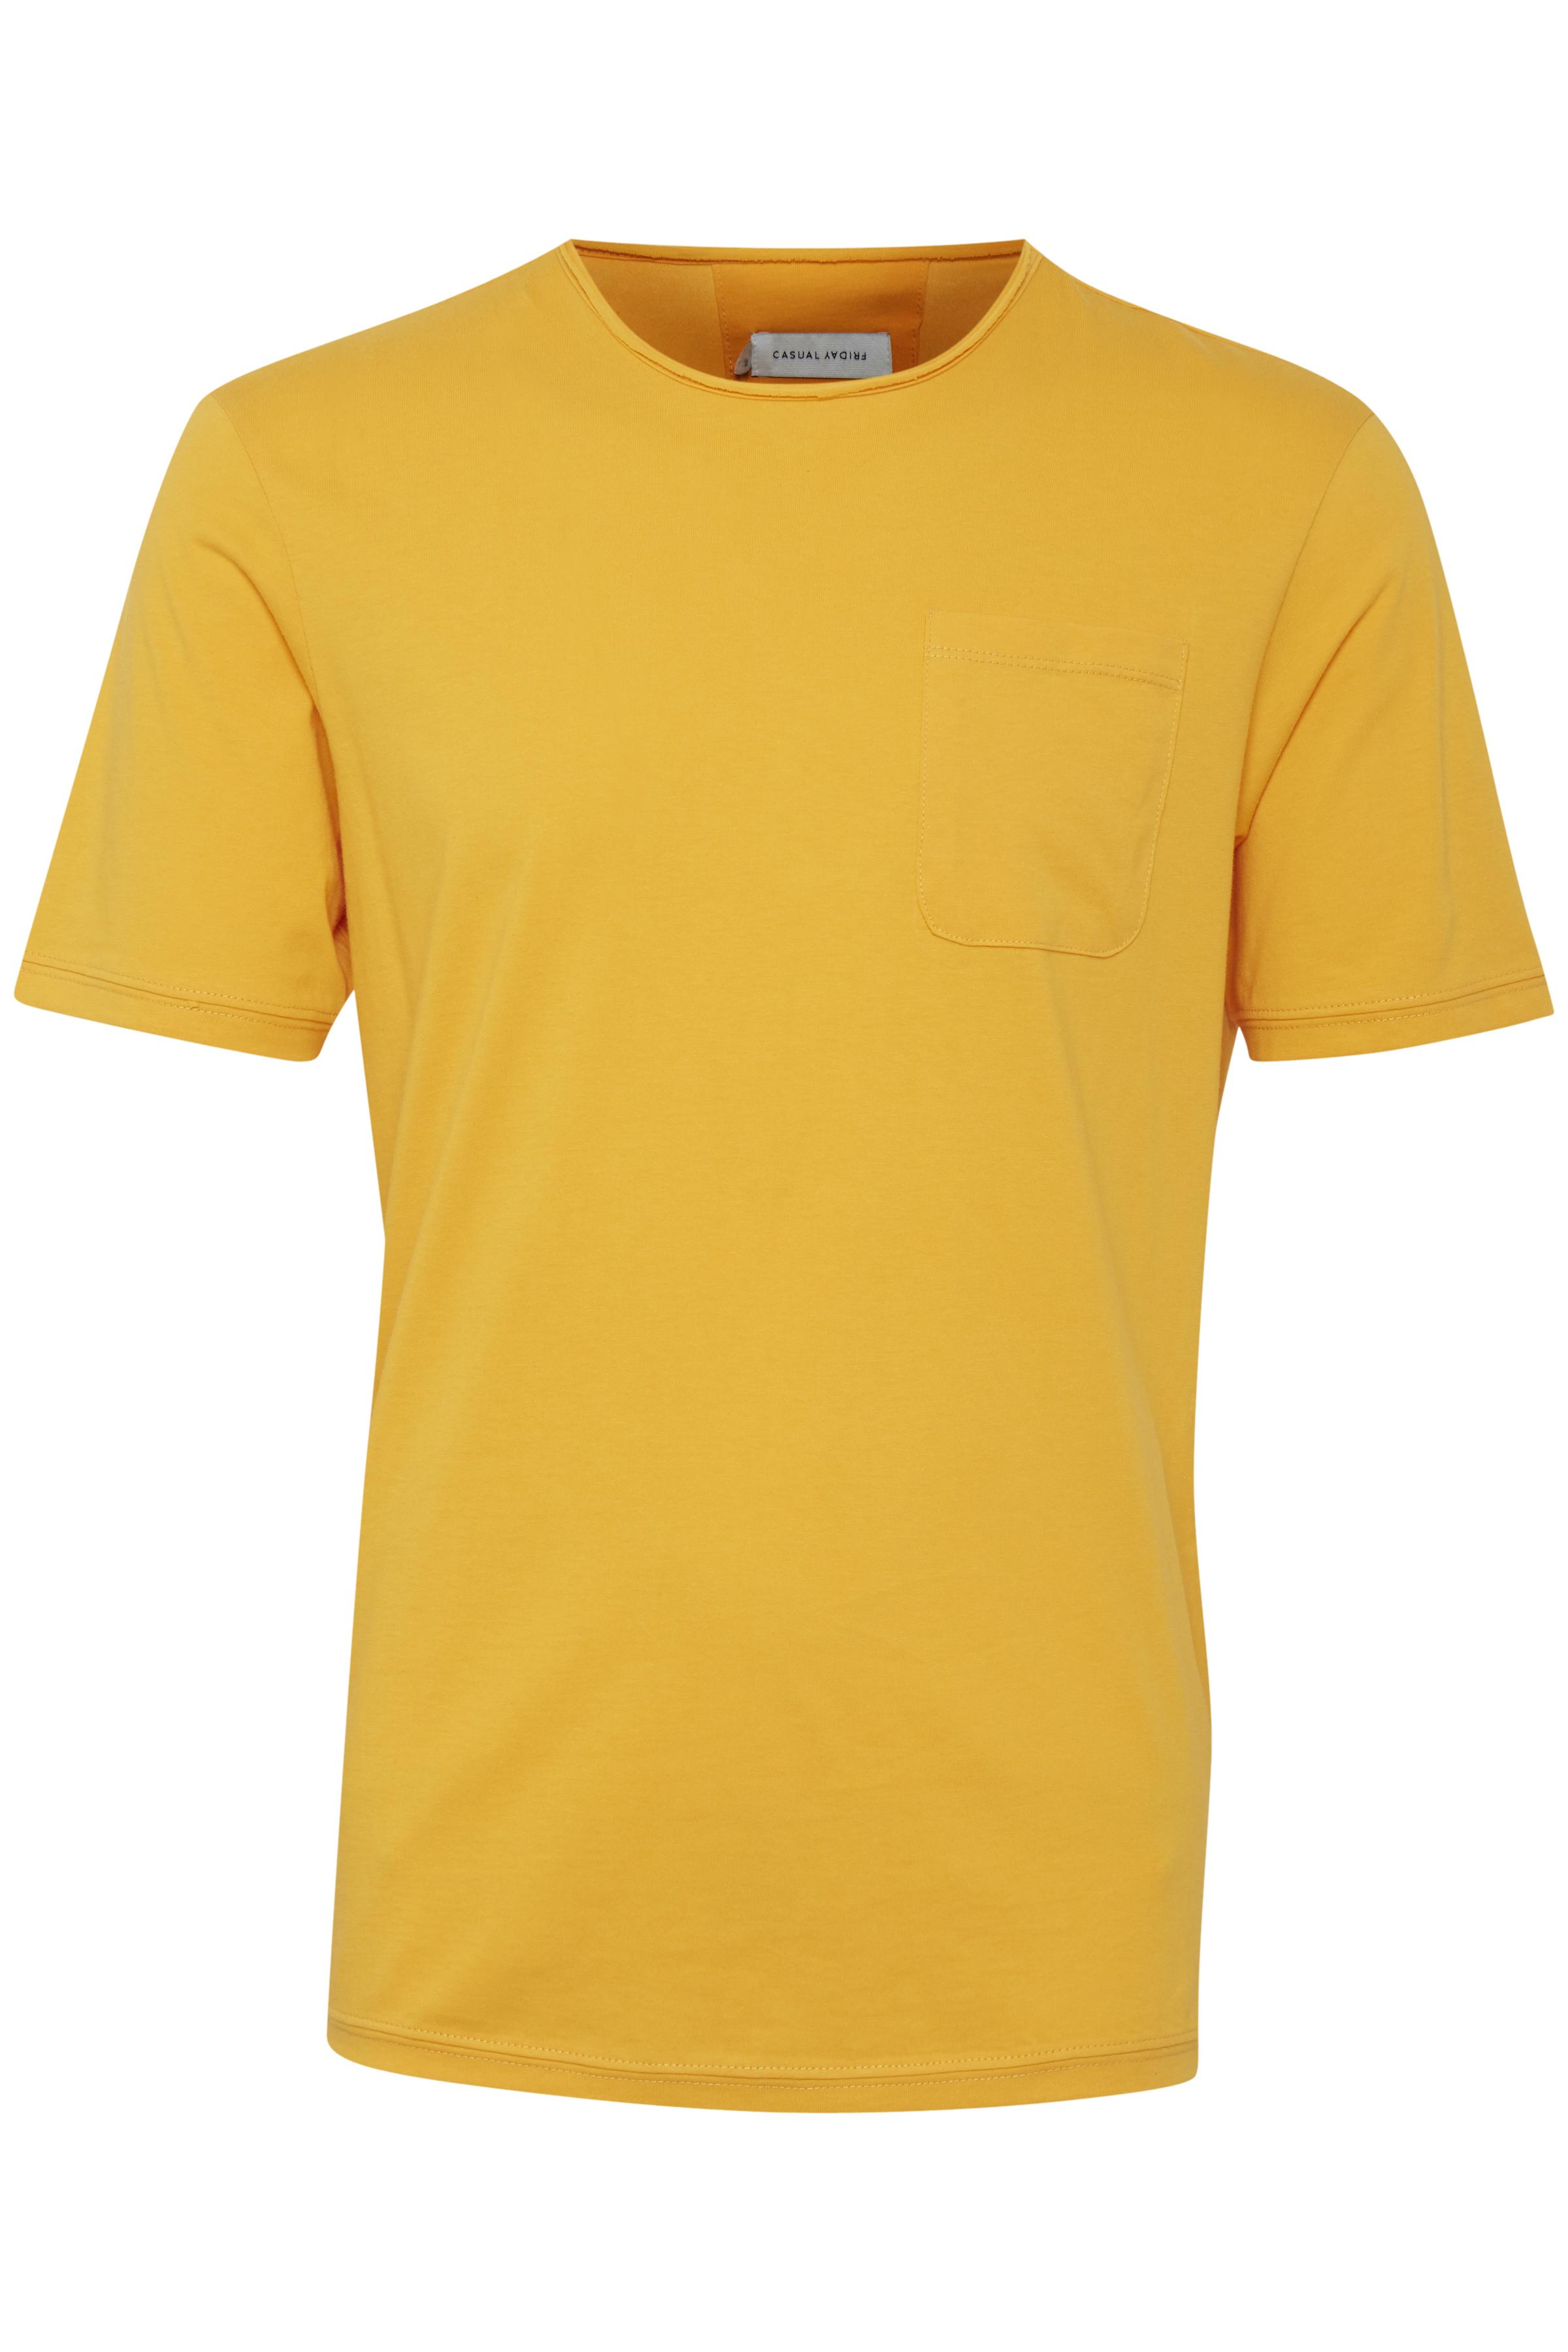 Golden Rod T-Shirt fra Casual Friday – Køb Golden Rod T-Shirt fra str. S-3XL her